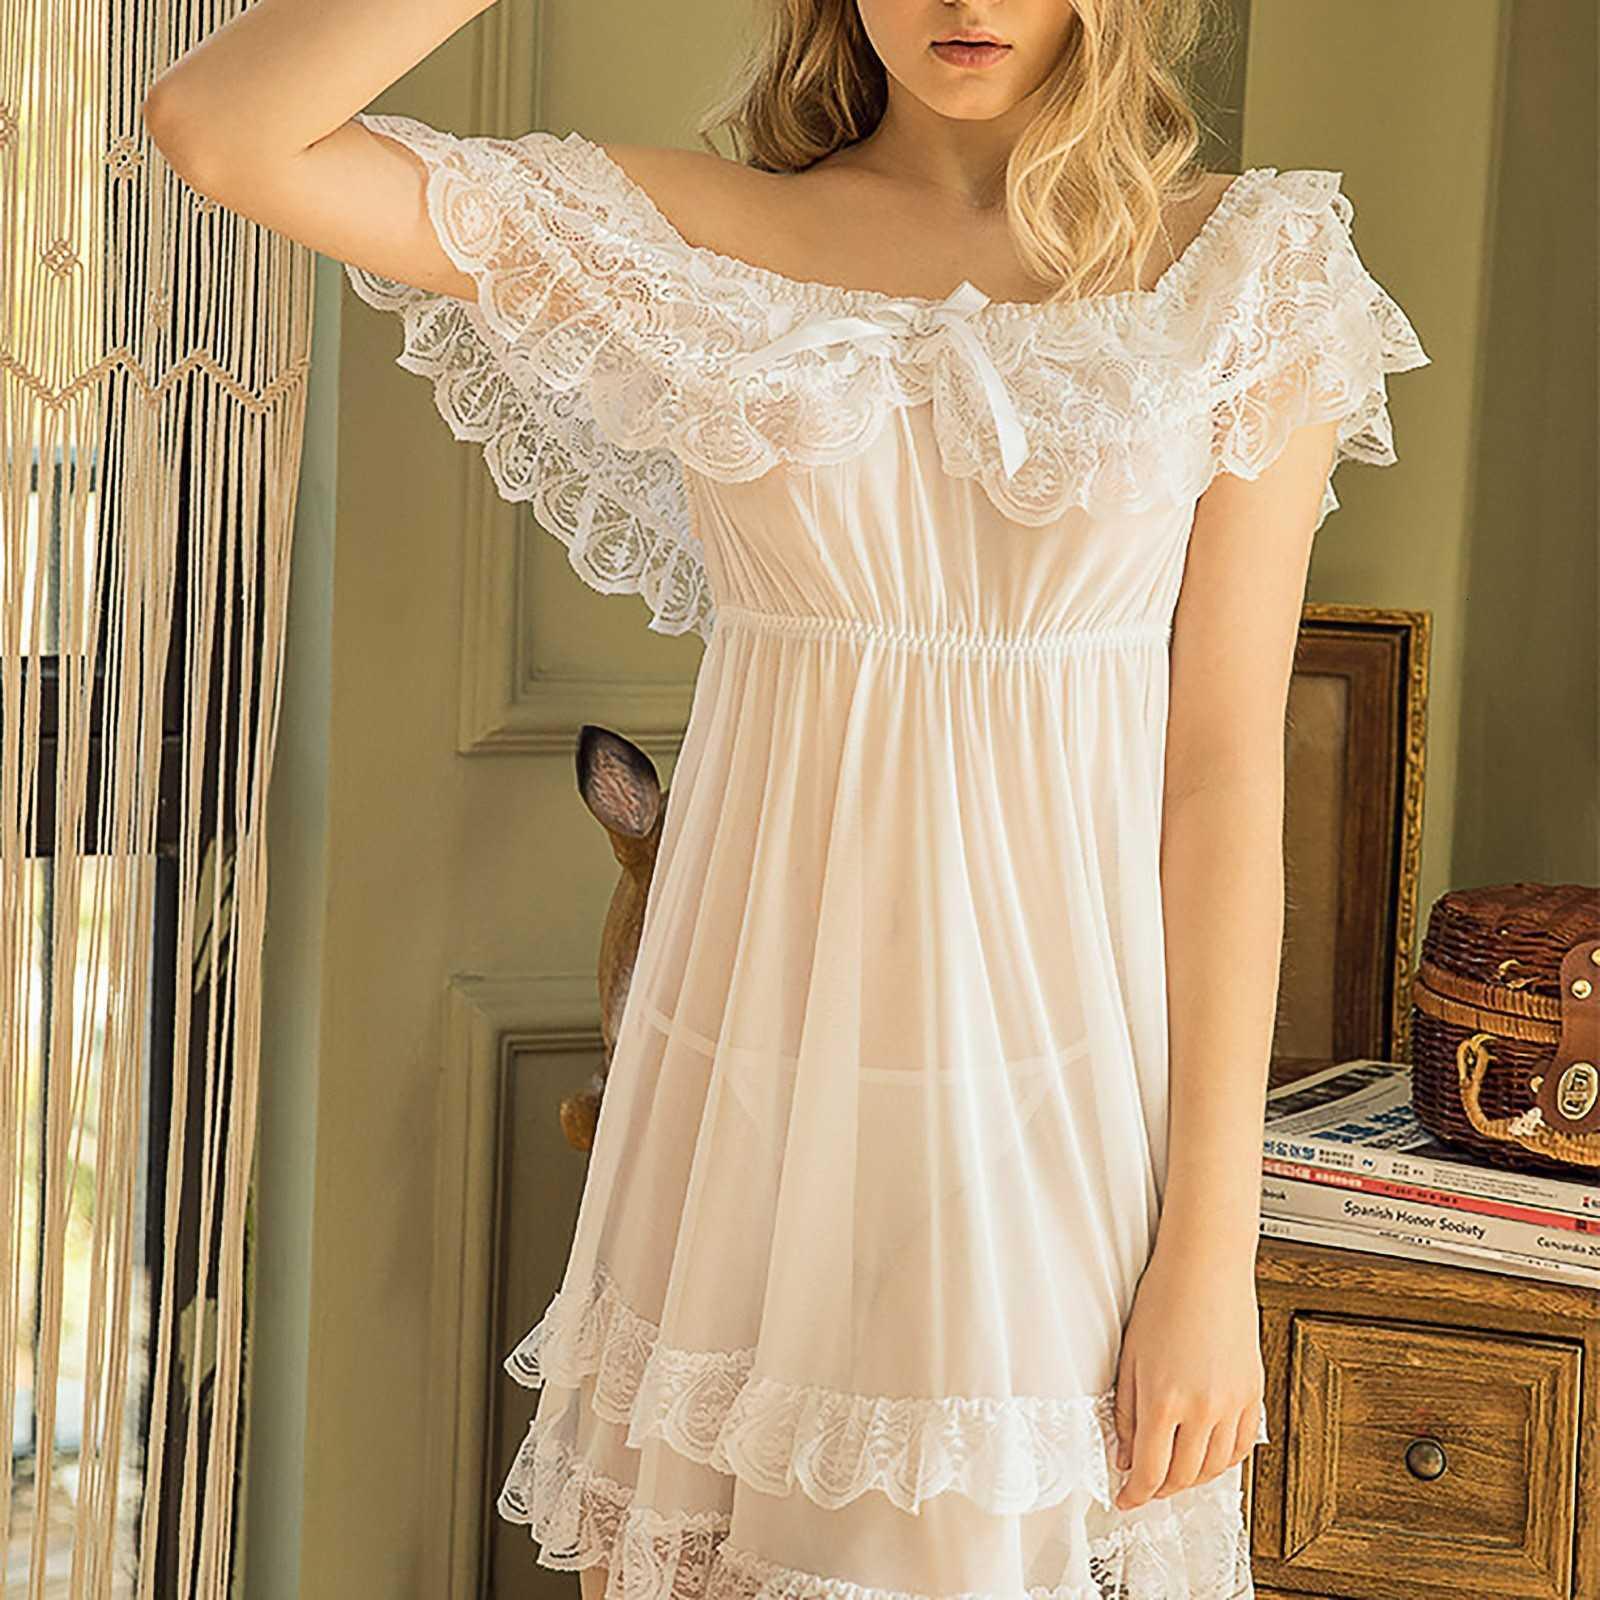 Sexy mini lingerie de noite com tanga cor sólida cor valentine dia curva decoração de laço fora do ombro curto pijama 7xl plus size